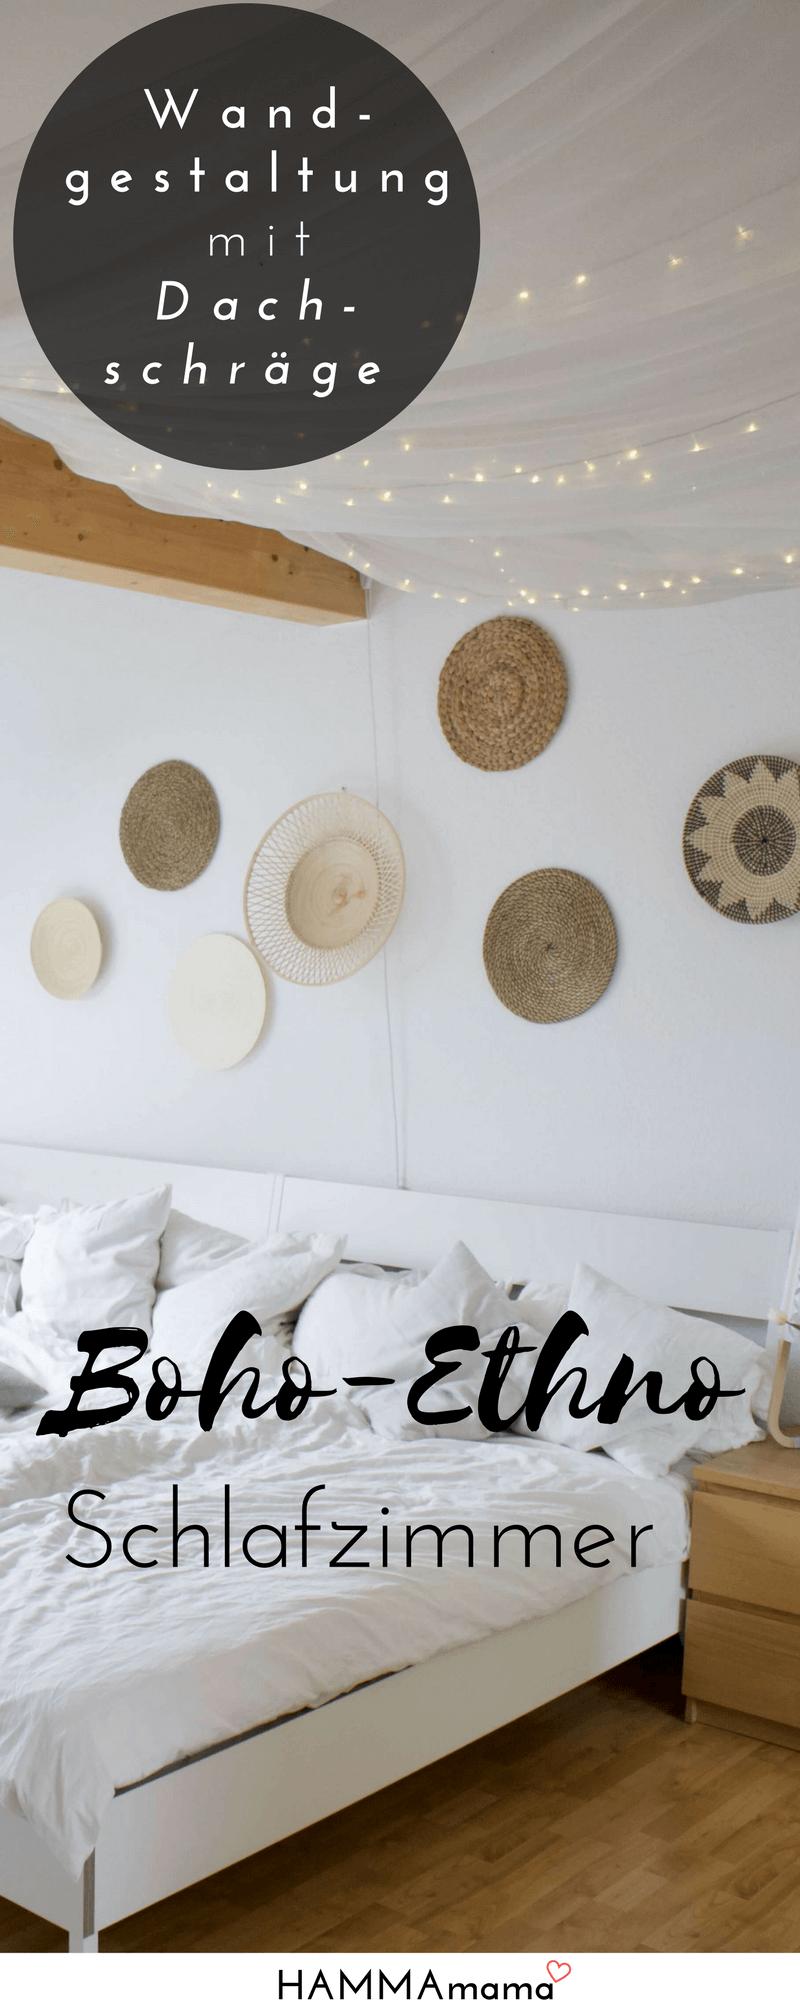 zeit f r boho ethno ideen f r das schlafzimmer und. Black Bedroom Furniture Sets. Home Design Ideas